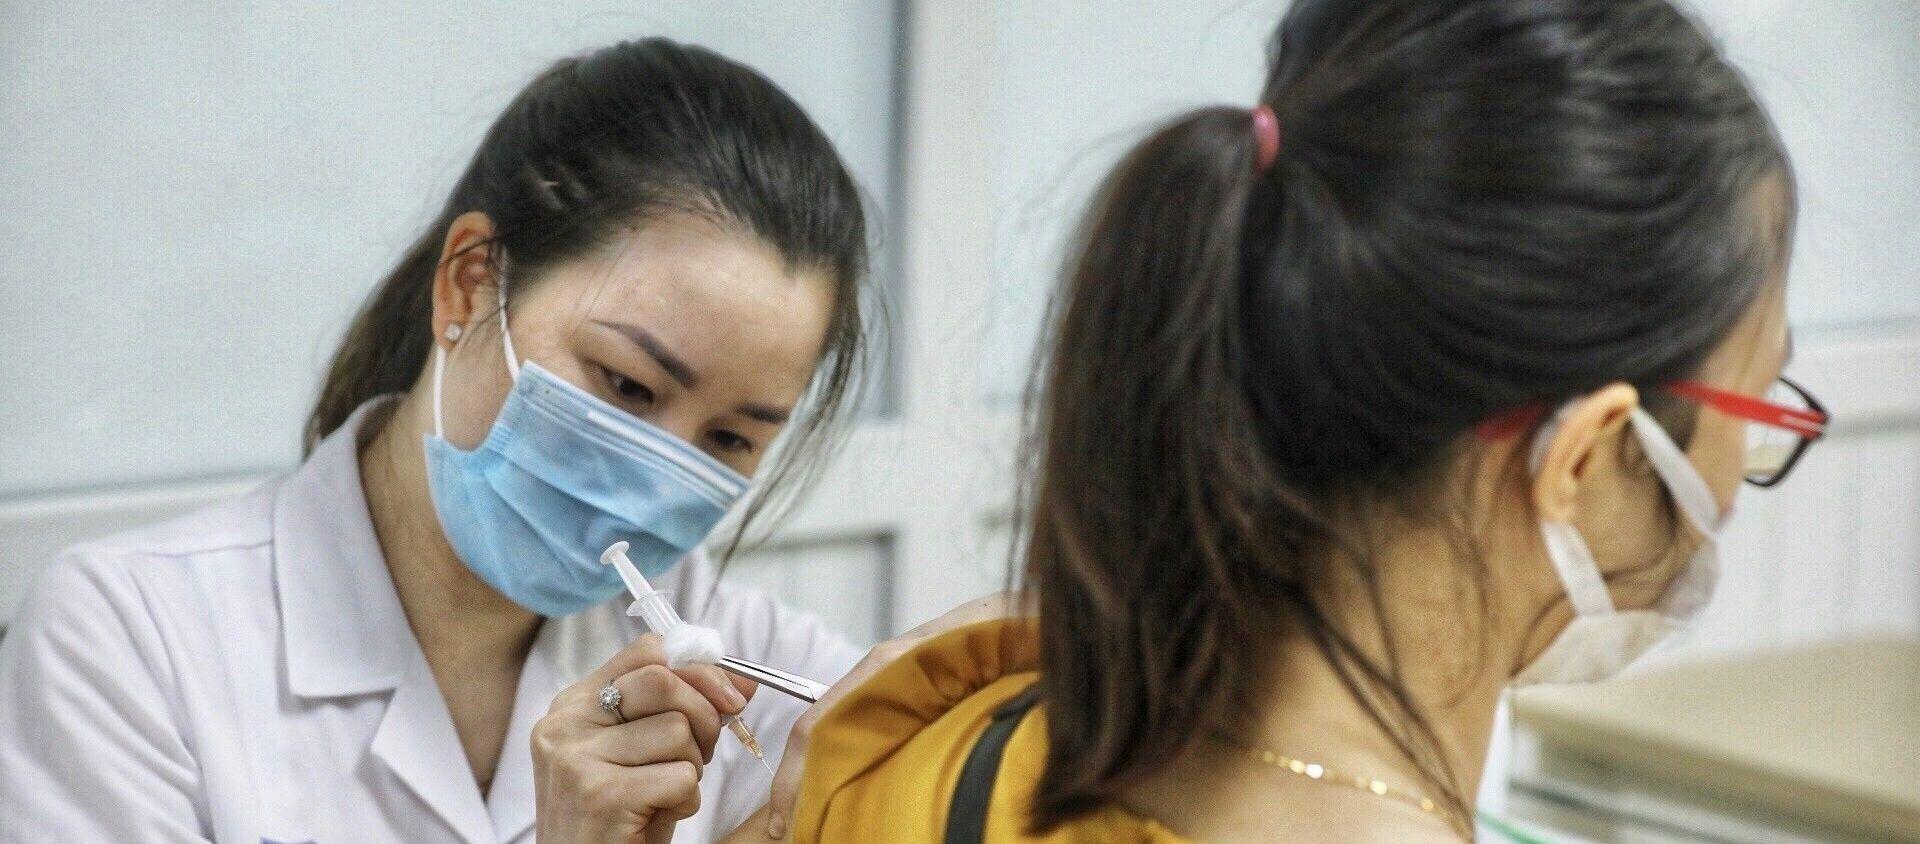 Nhân viên y tế tiêm thử nghiệm vaccine Nano Covax phòng COVID-19 giai đoạn 3. - Sputnik Việt Nam, 1920, 08.09.2021